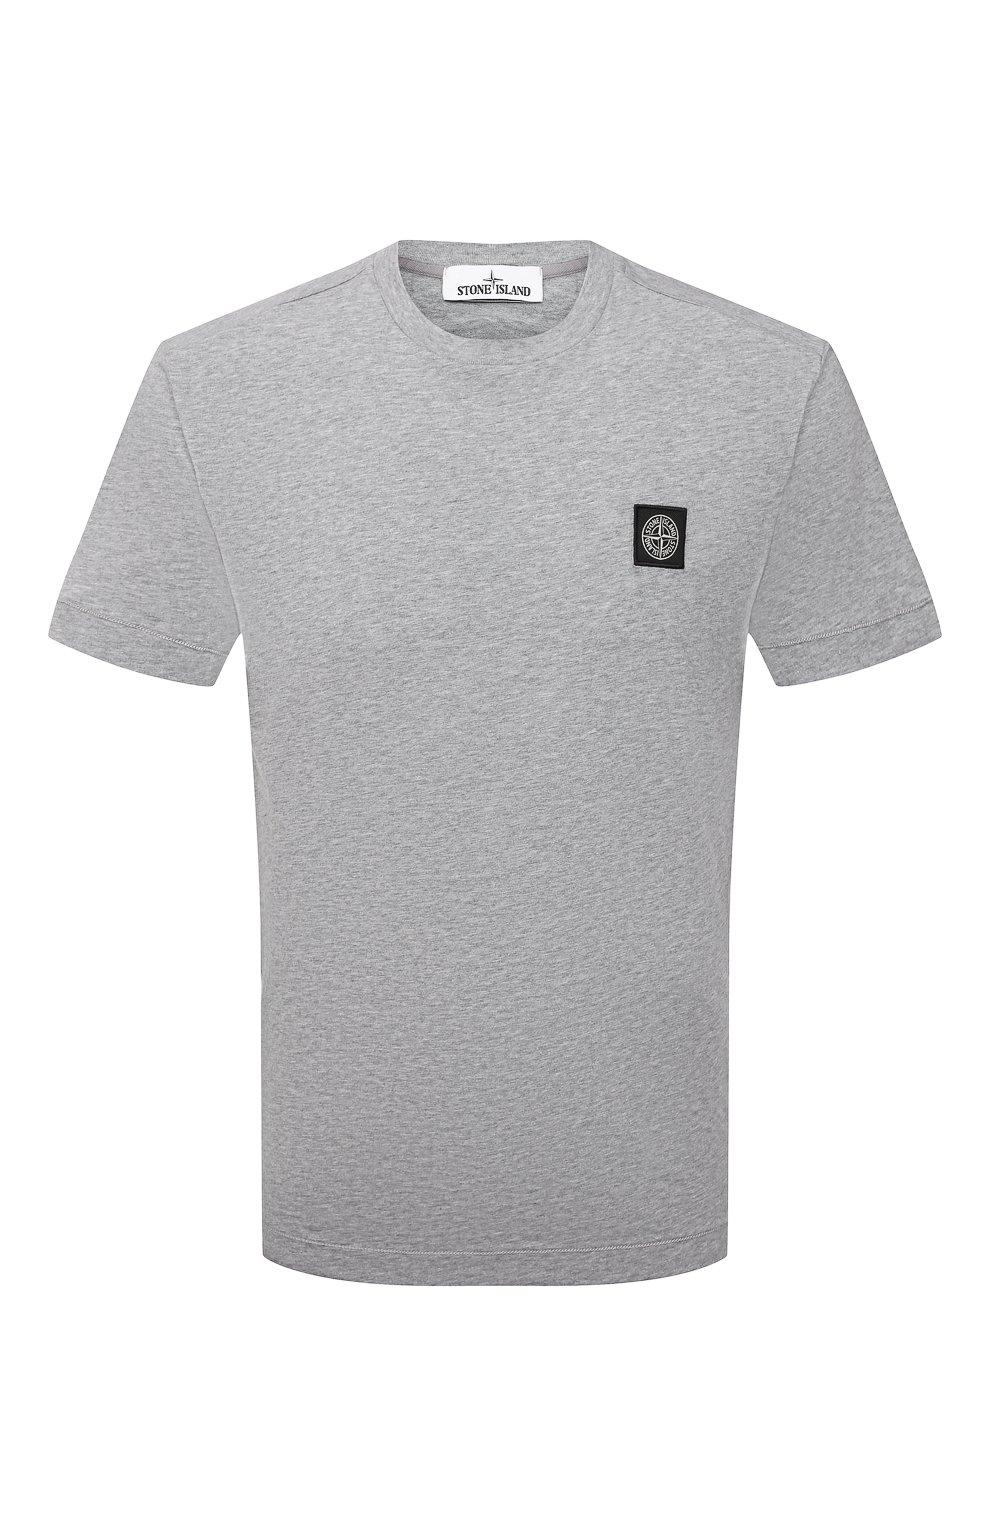 Мужская хлопковая футболка STONE ISLAND светло-серого цвета, арт. 751524113 | Фото 1 (Принт: Без принта; Рукава: Короткие; Длина (для топов): Стандартные; Материал внешний: Хлопок; Стили: Кэжуэл)